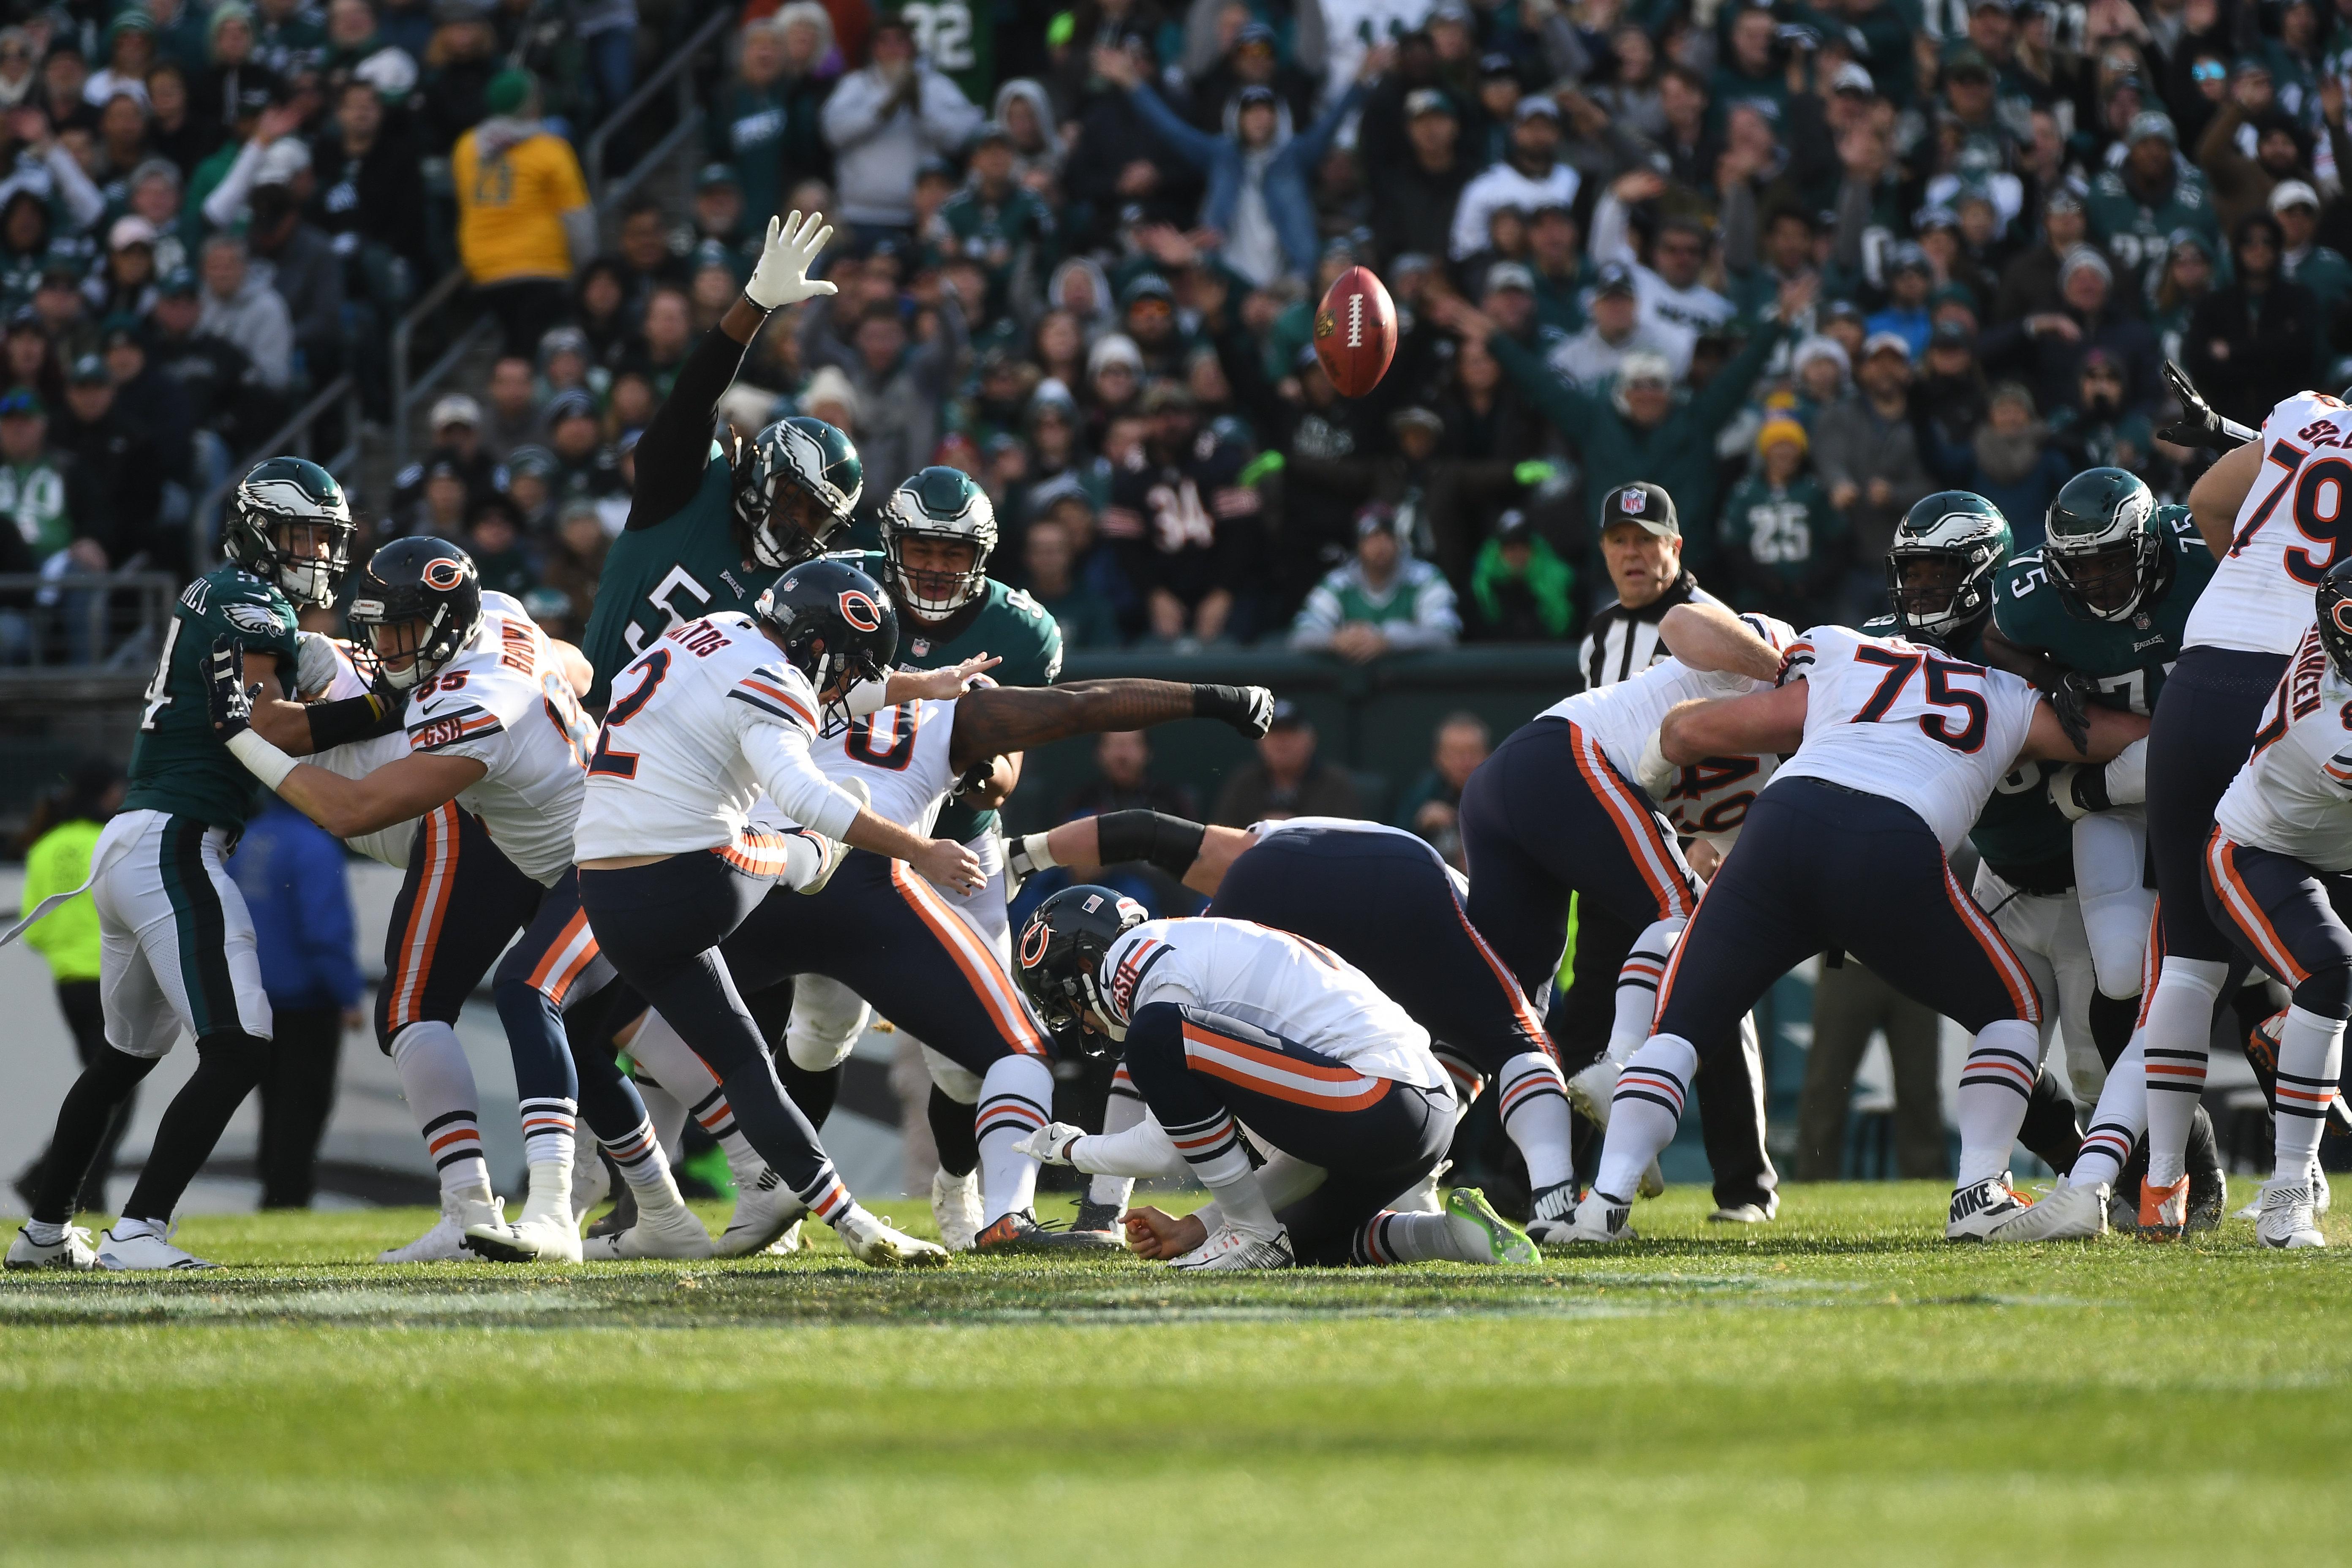 NFL: NOV 26 Bears at Eagles